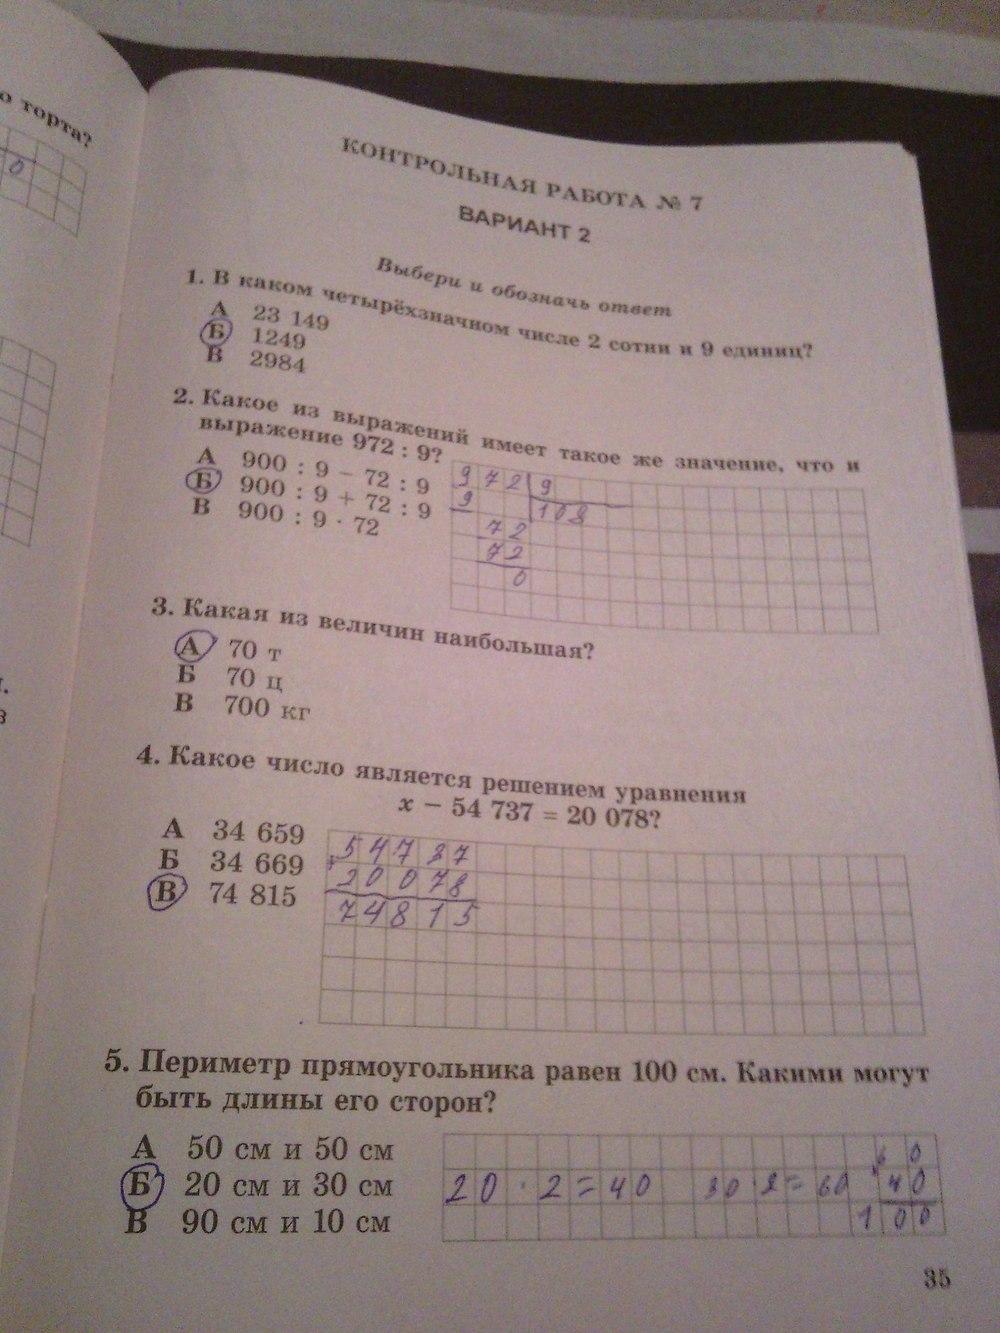 ГДЗ по математике 4 класс. Задание: стр. 35